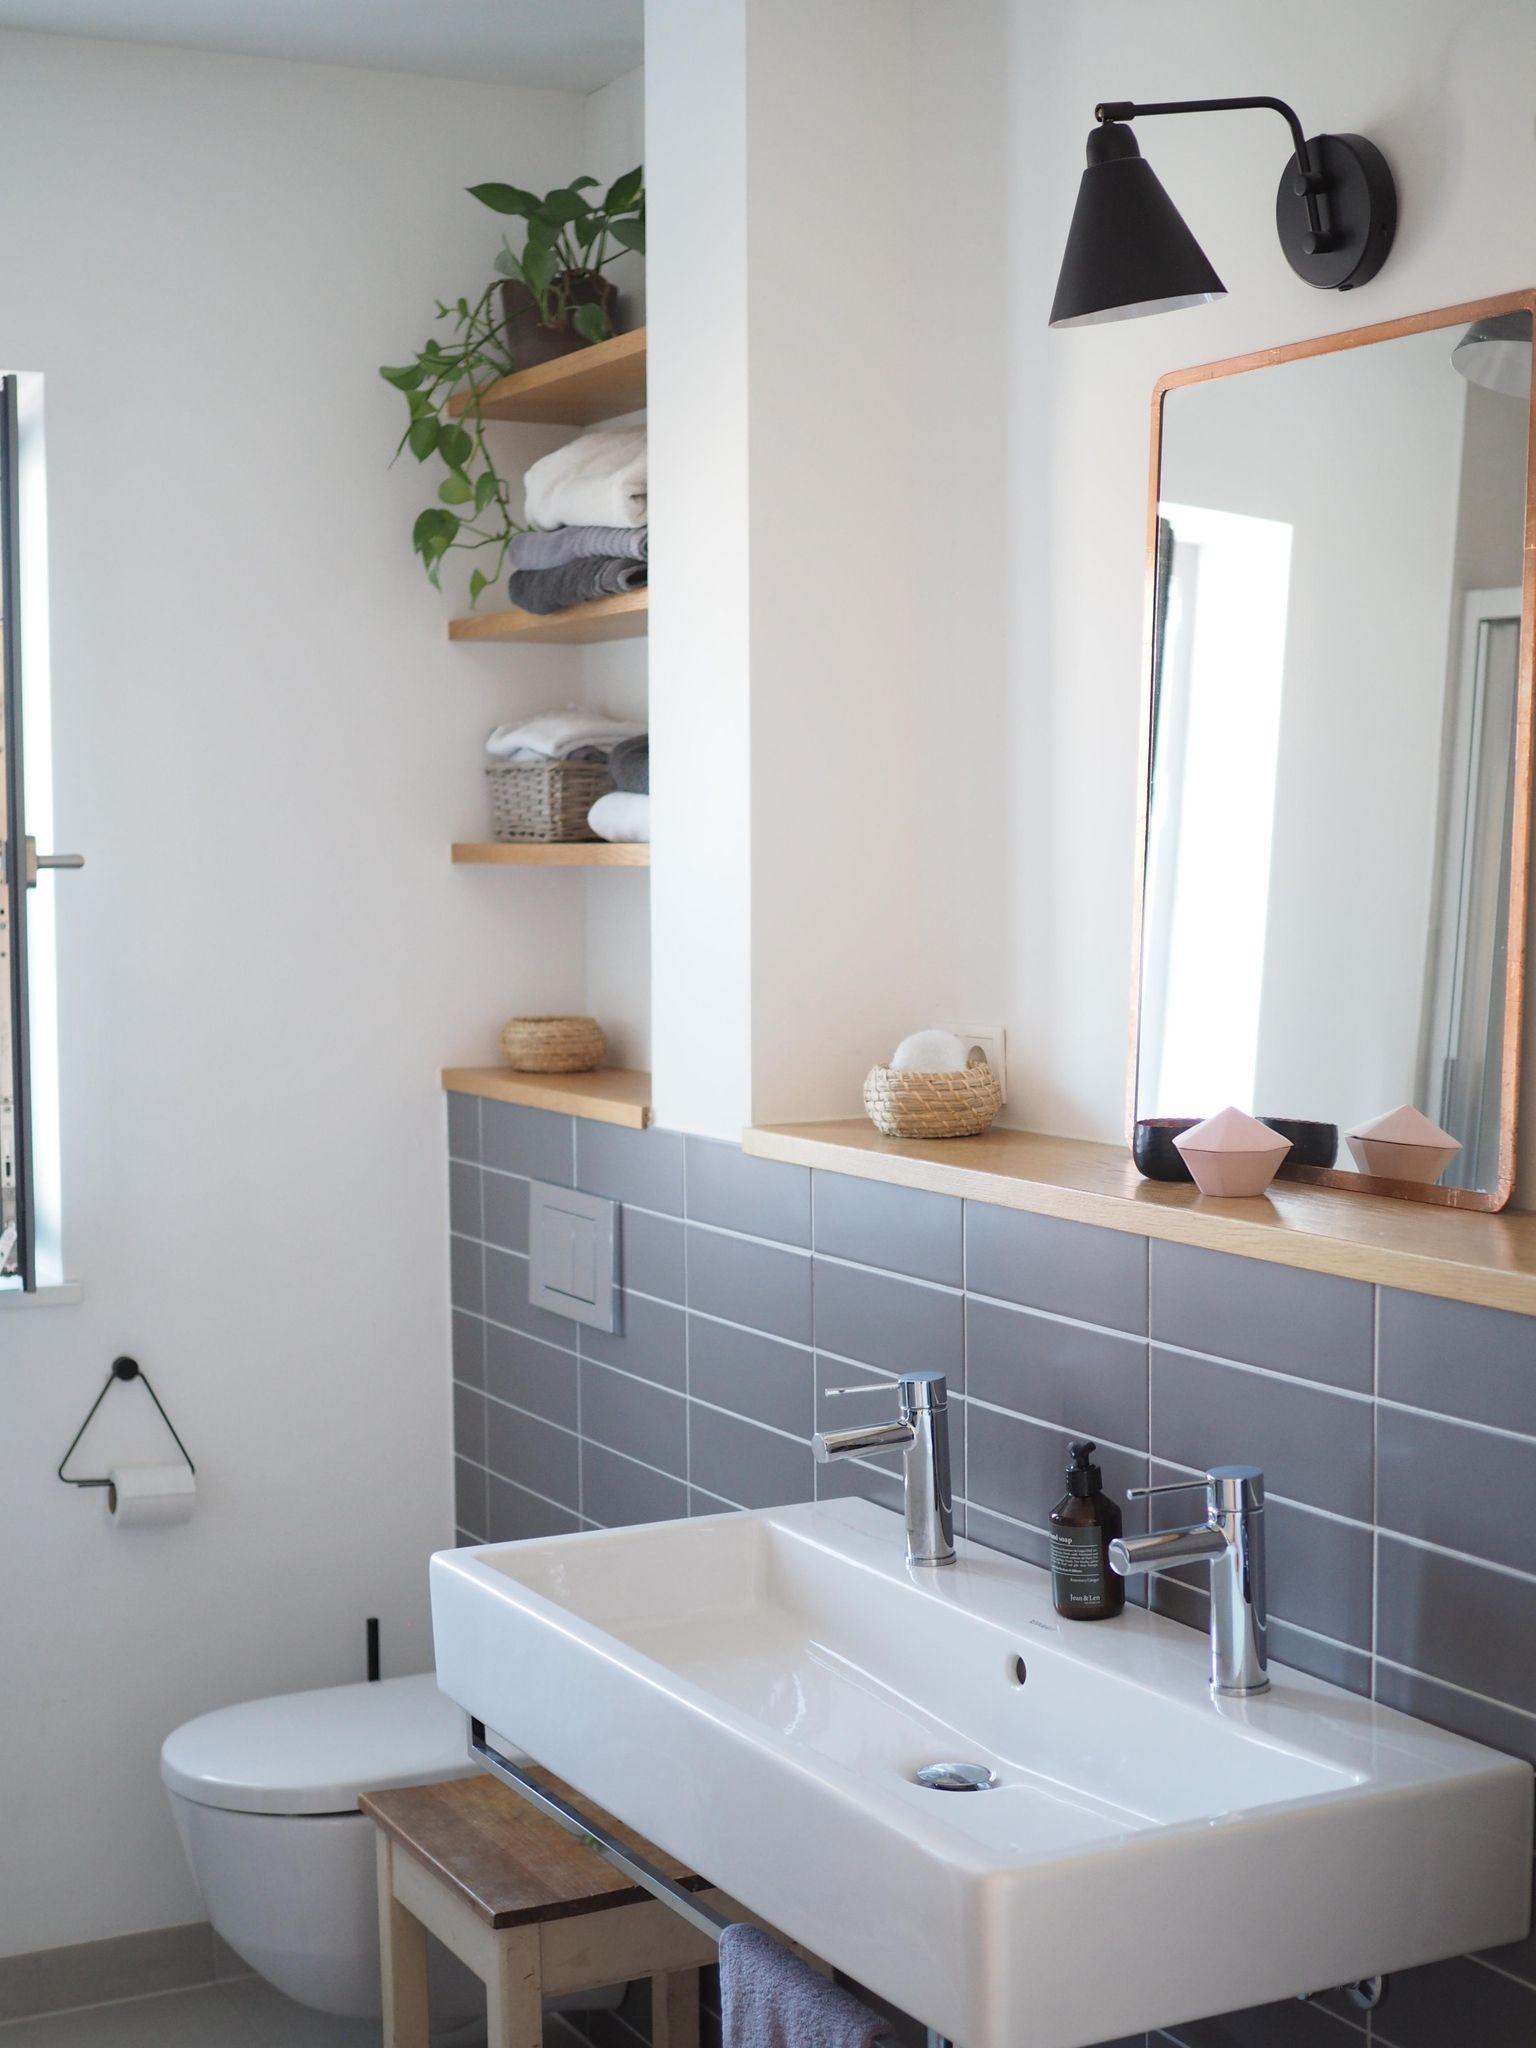 Wenig Fliesen Dazu Ein Bisschen Holz Schwarz Und V Kleine Fliesen Badezimmer Innenausstattung Neues Badezimmer